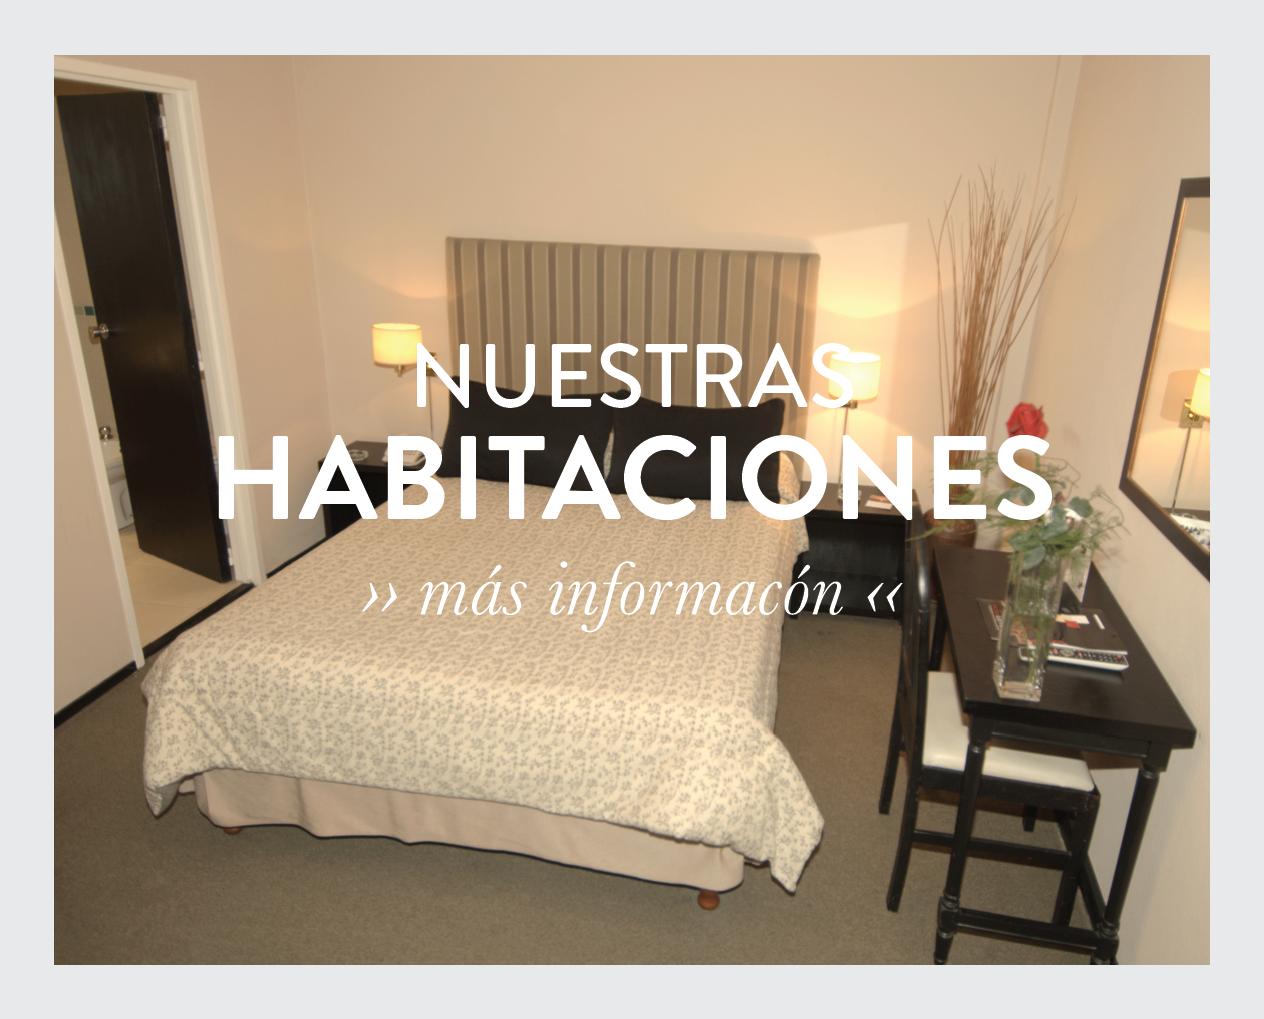 habitaciones bys